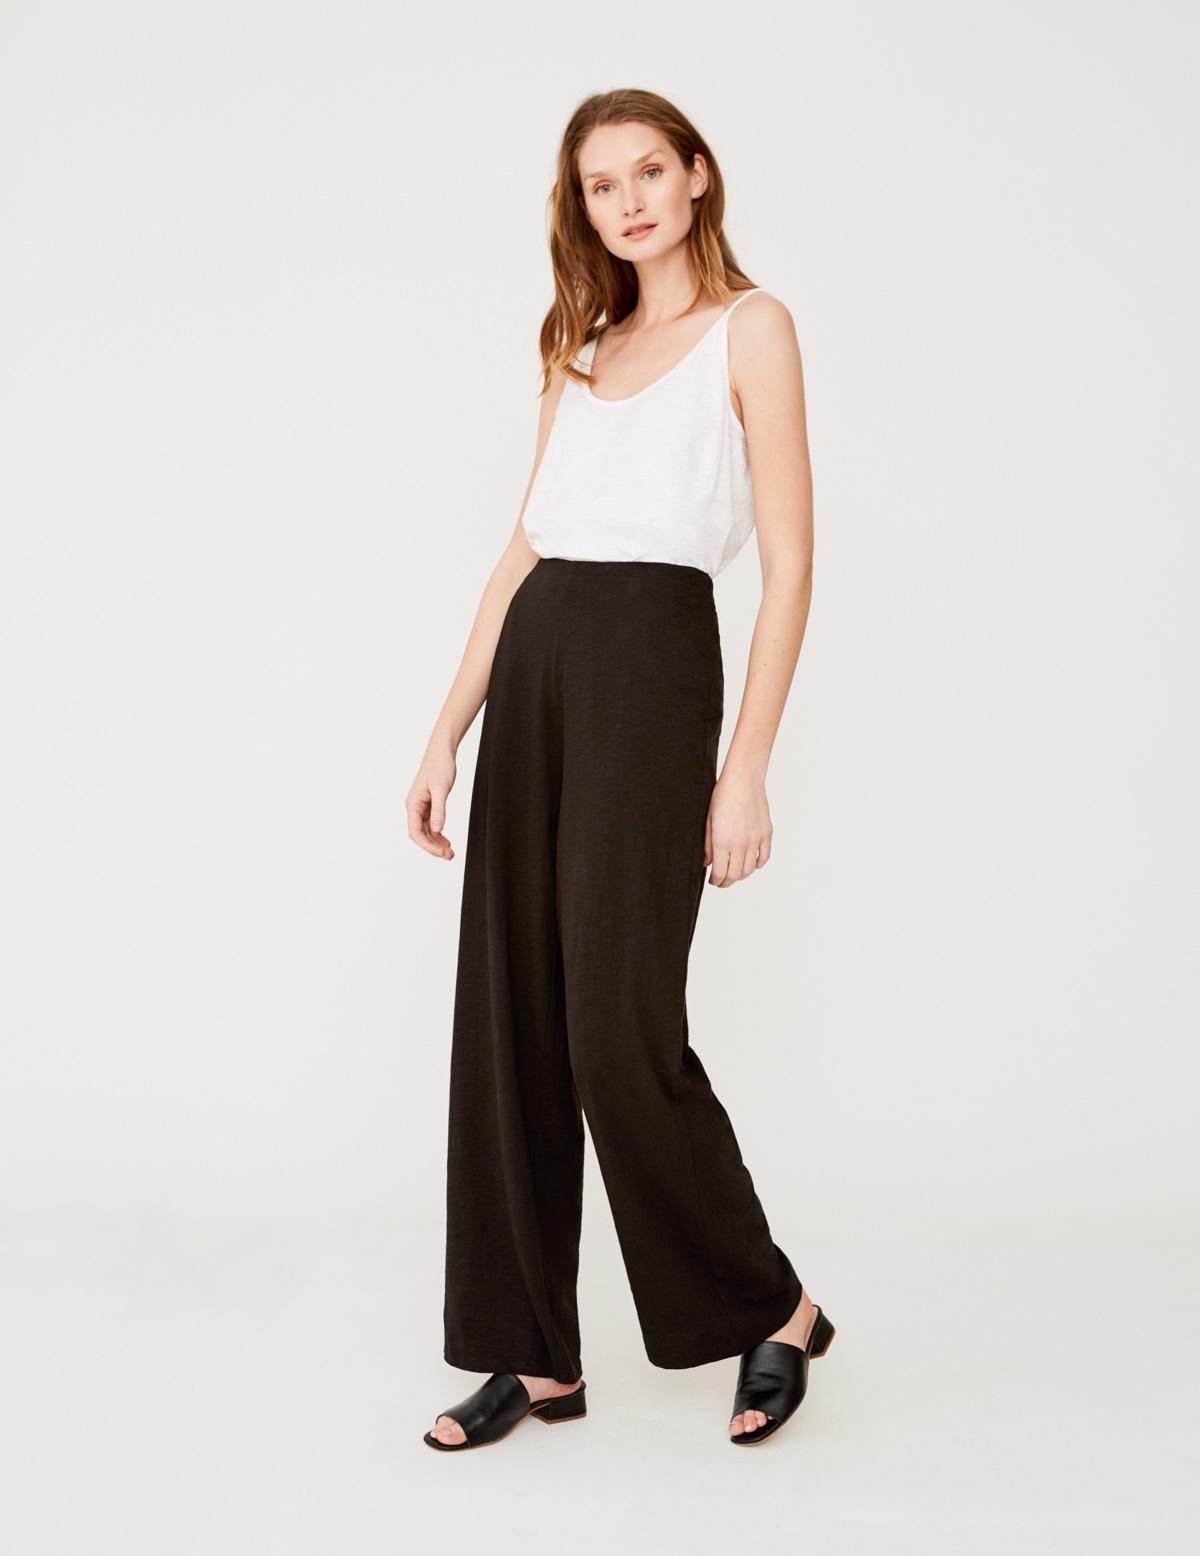 Pantalón ancho - Ítem2